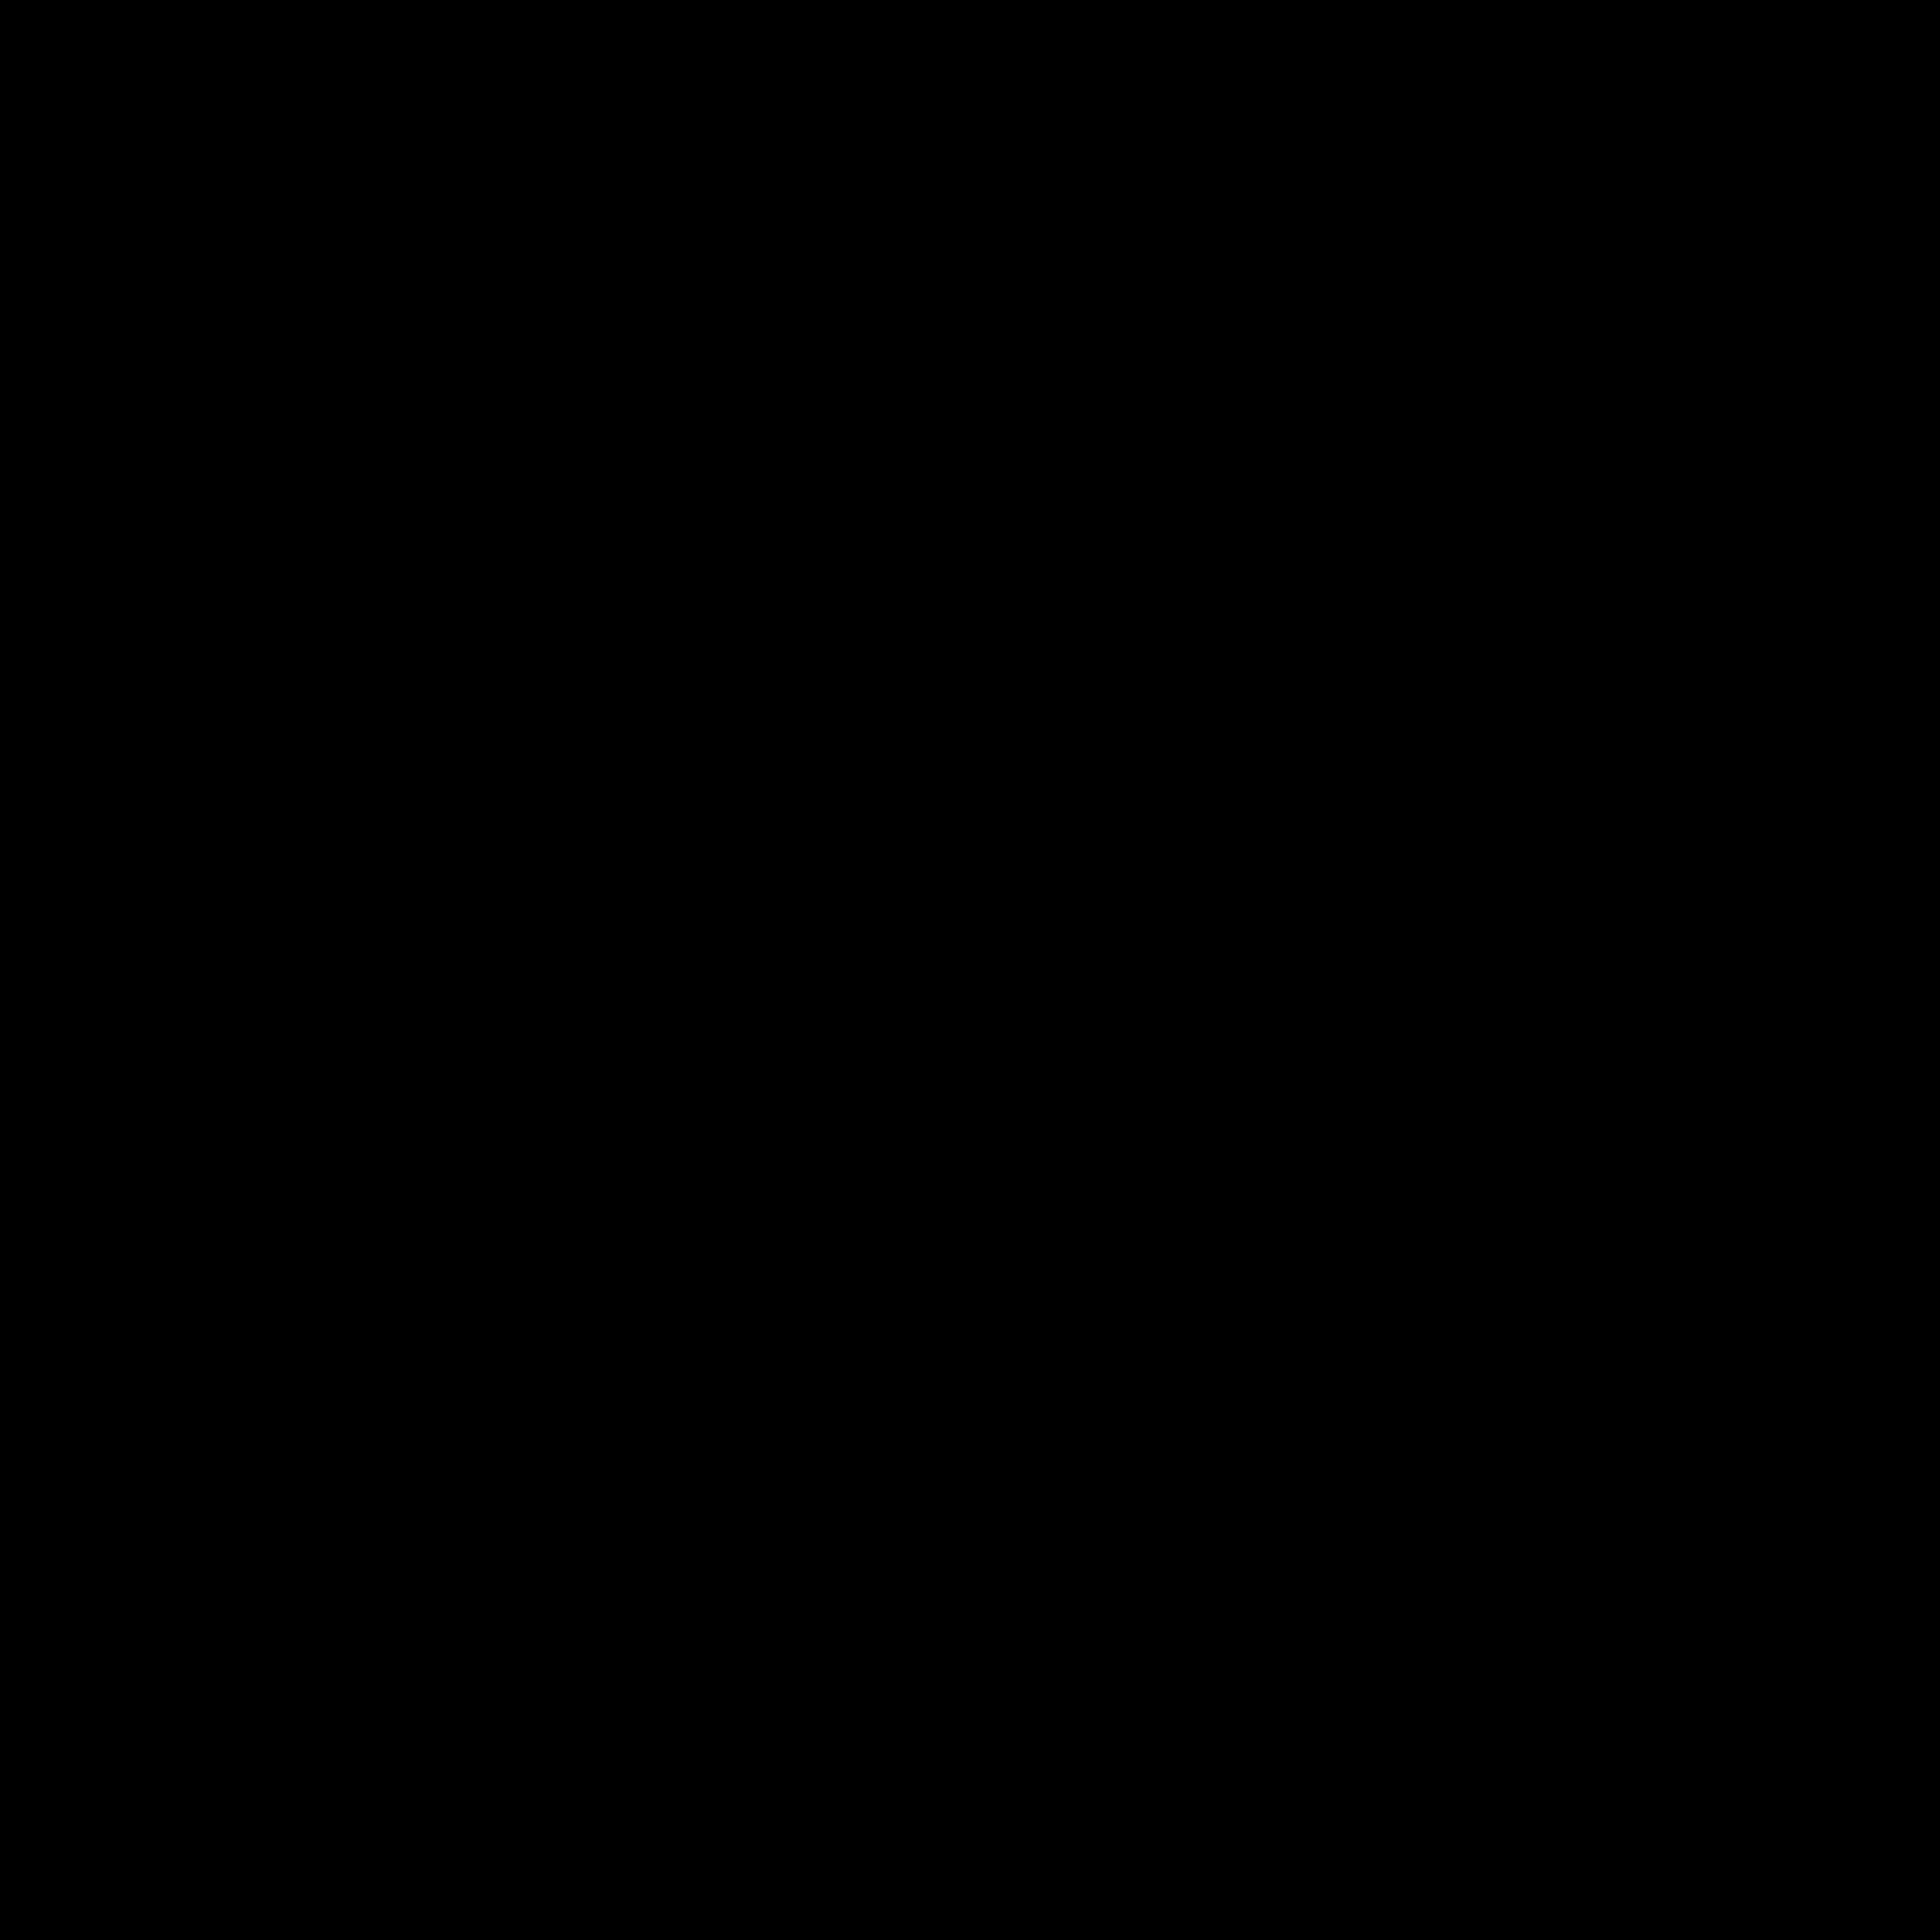 【BardShop環保小物】最美的琉璃吸管/環保創意透明玻璃吸管-彎/直/粗/細/尖頭款